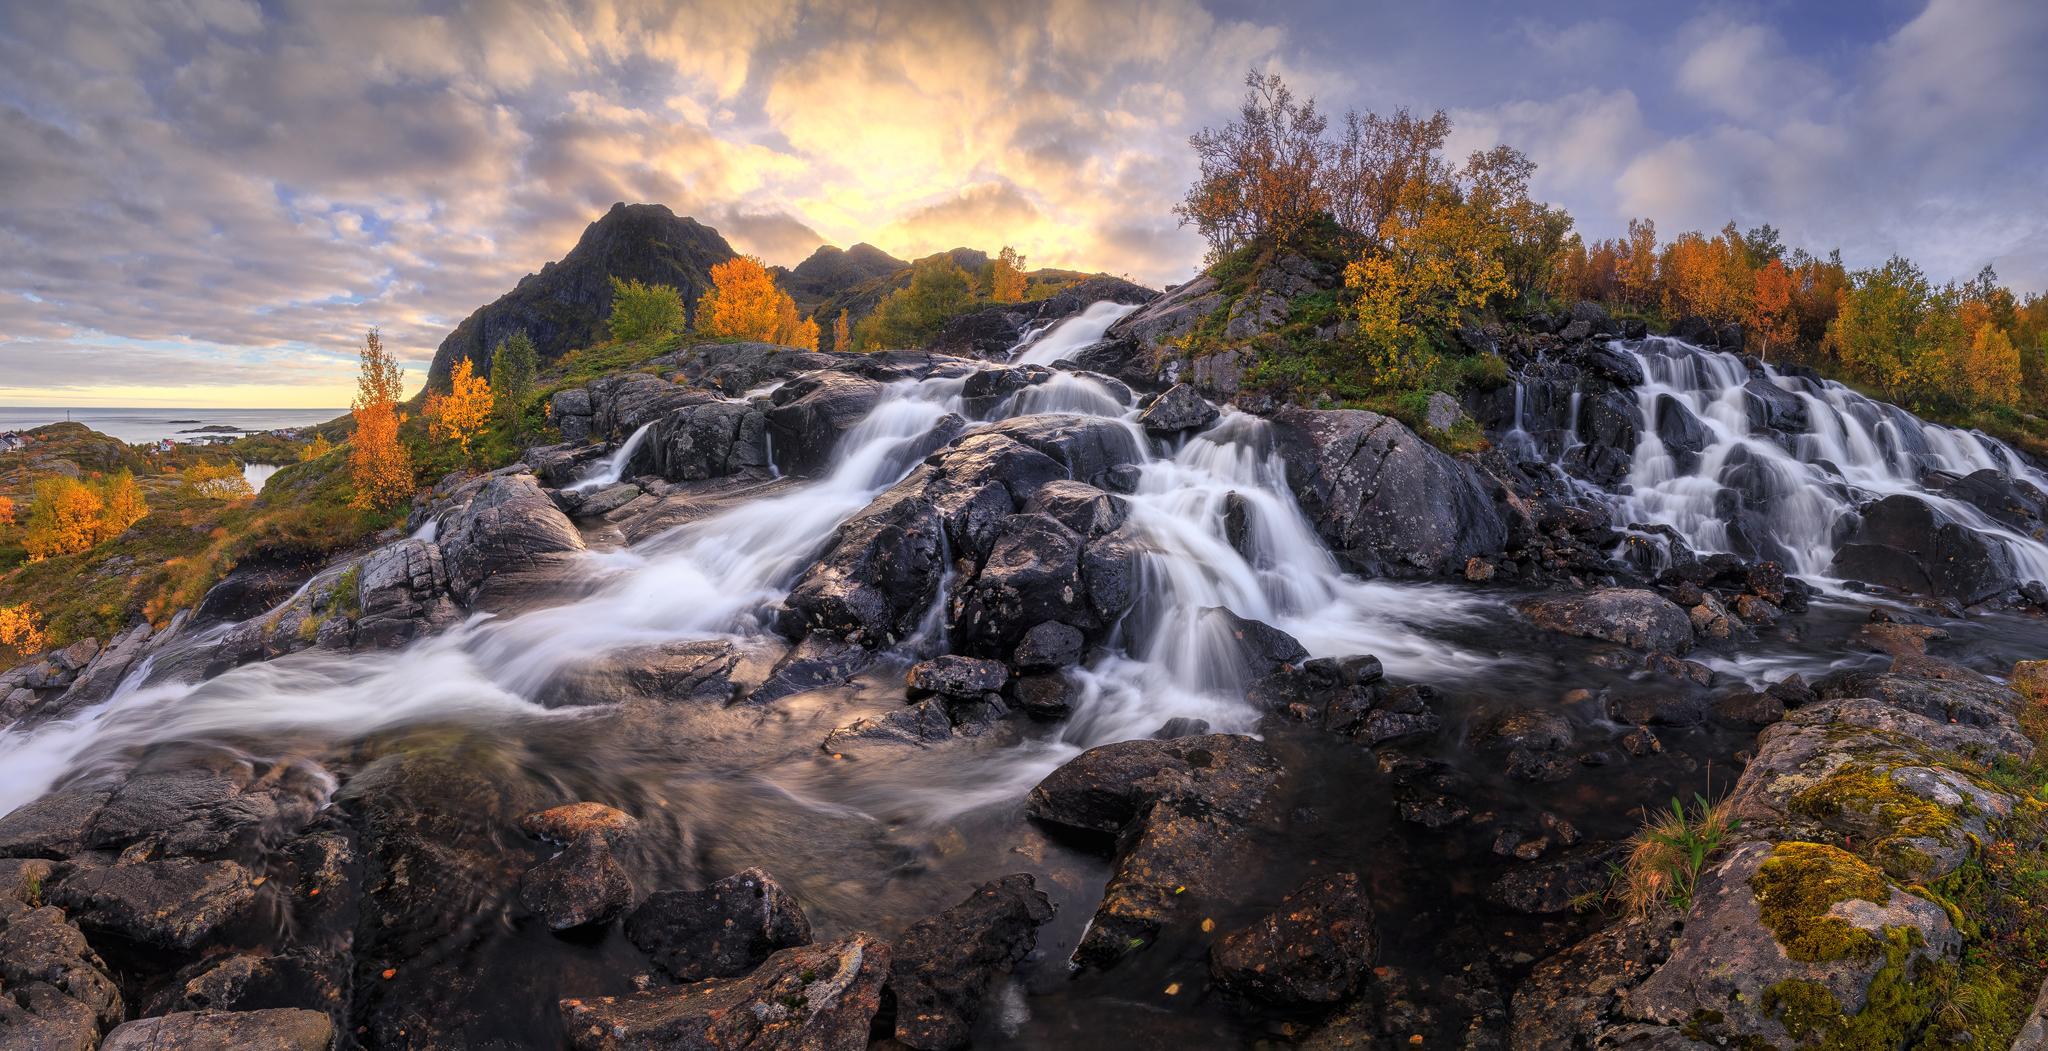 Lofoten Waterfall, Norway